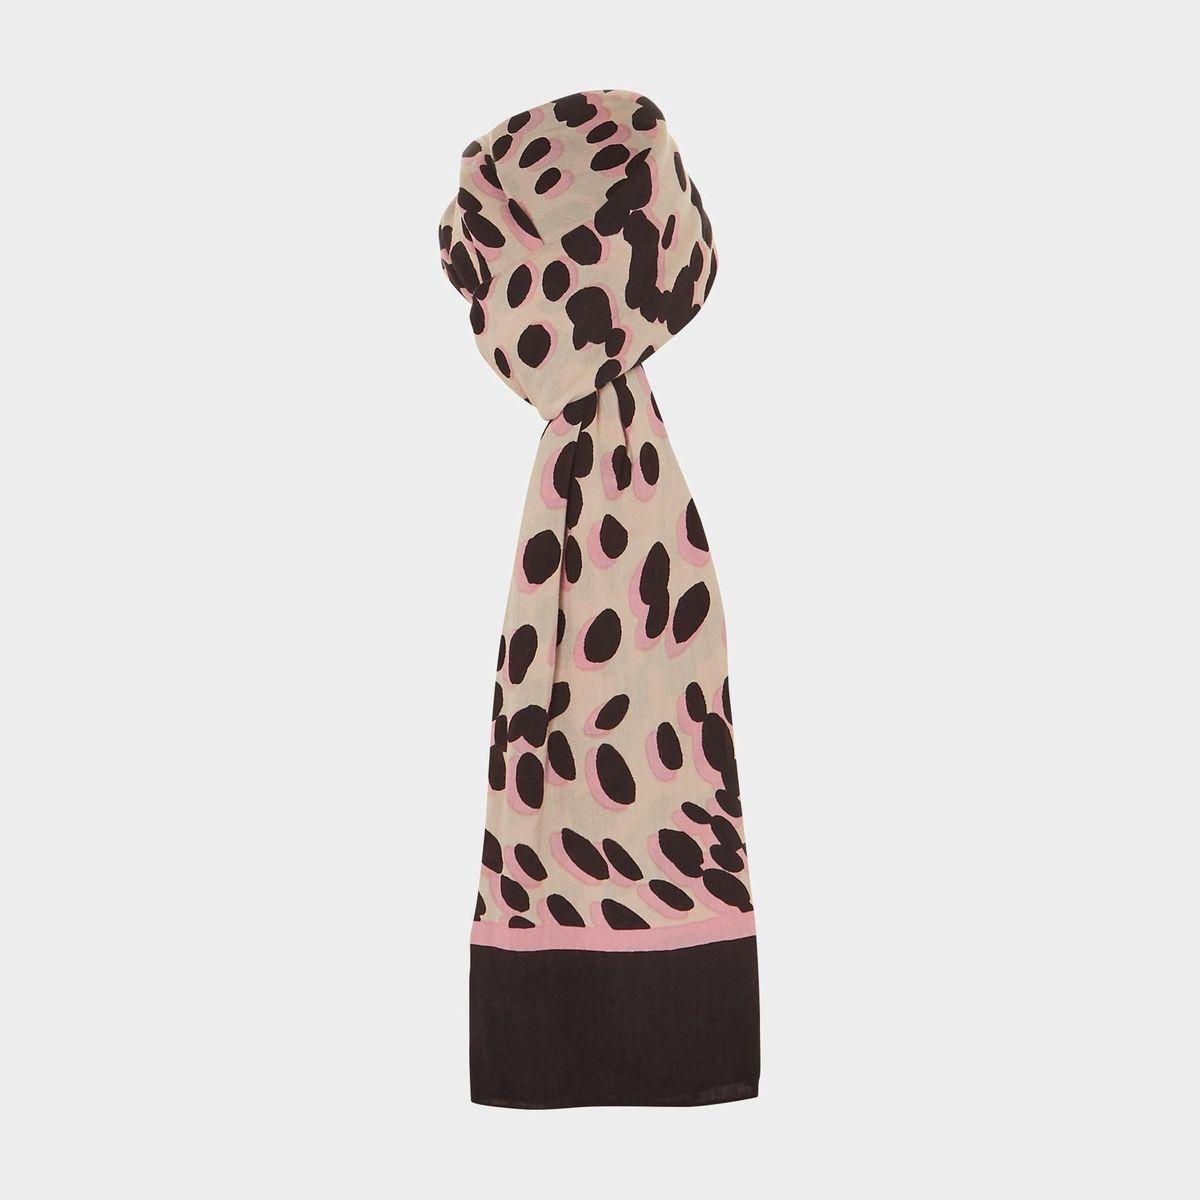 Foulard à imprimé léopard - LYBBY